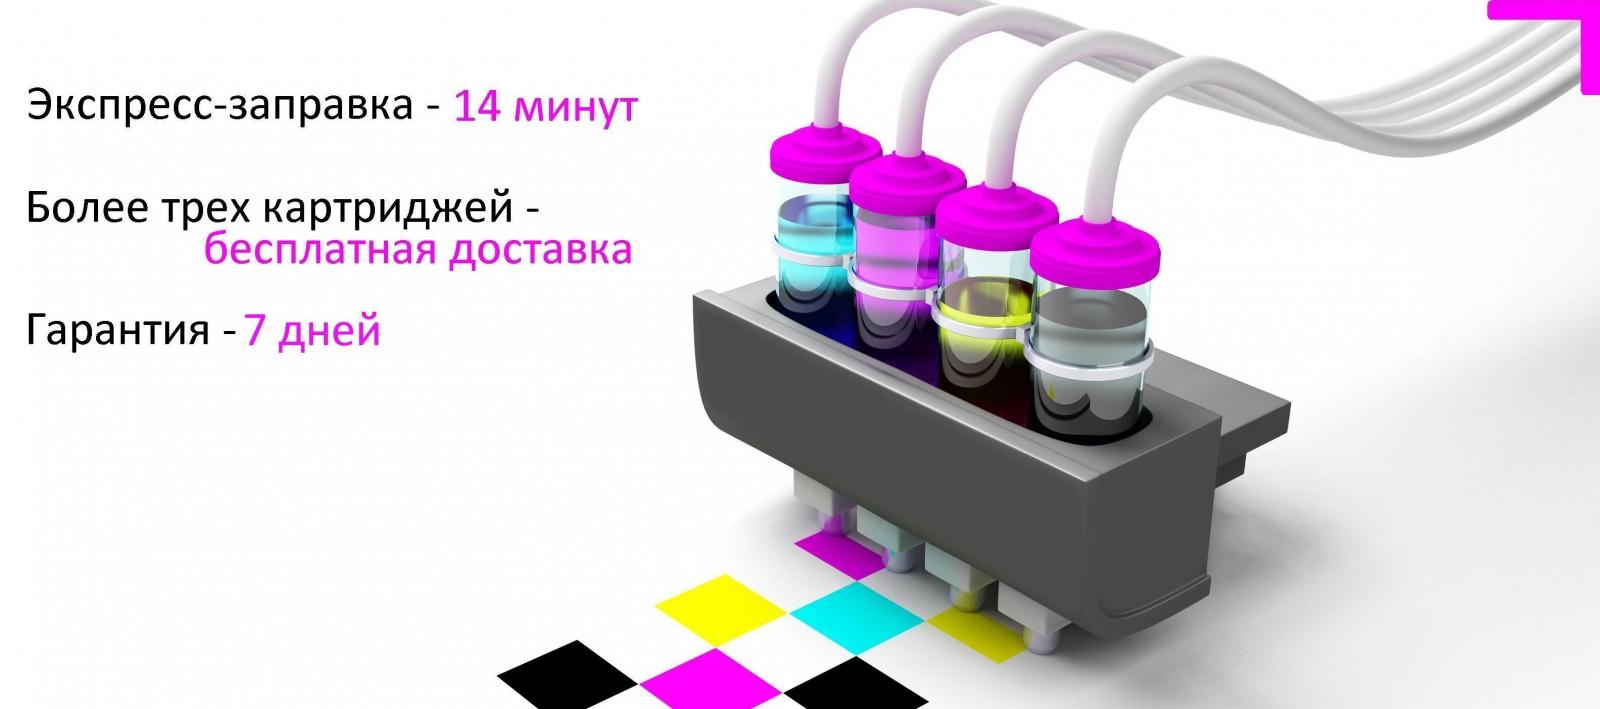 Заправка и восстановление картриджей в Казани и Республике Татарстан